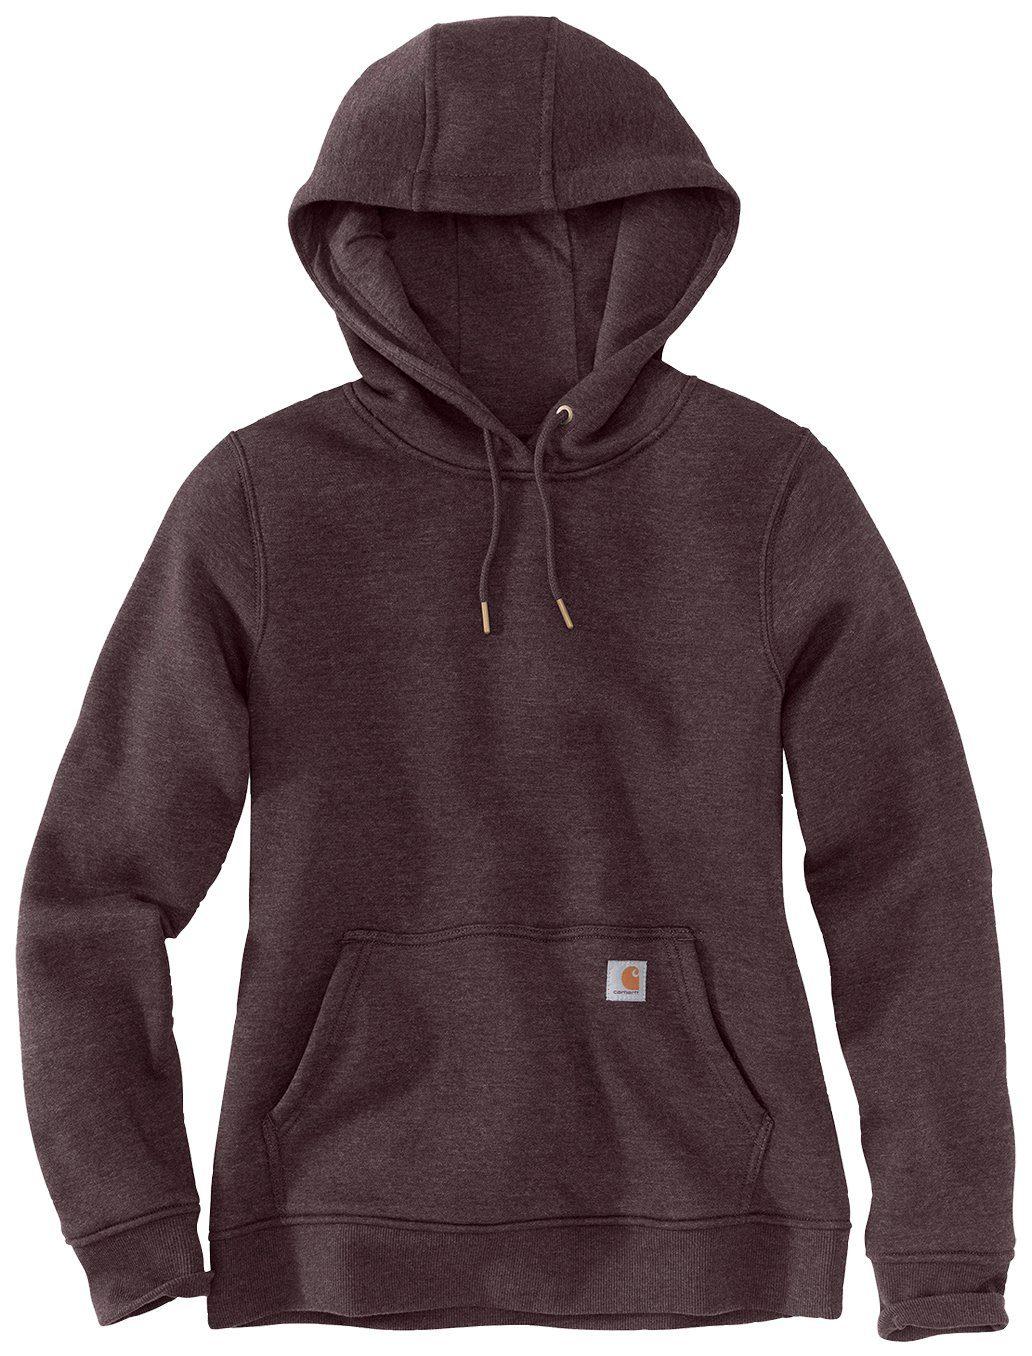 CARHARTT Sweatshirt »CLARKSBURG SWEATSHIRT«, Damen Sweatshirt mit Ärmel Logo online kaufen | OTTO